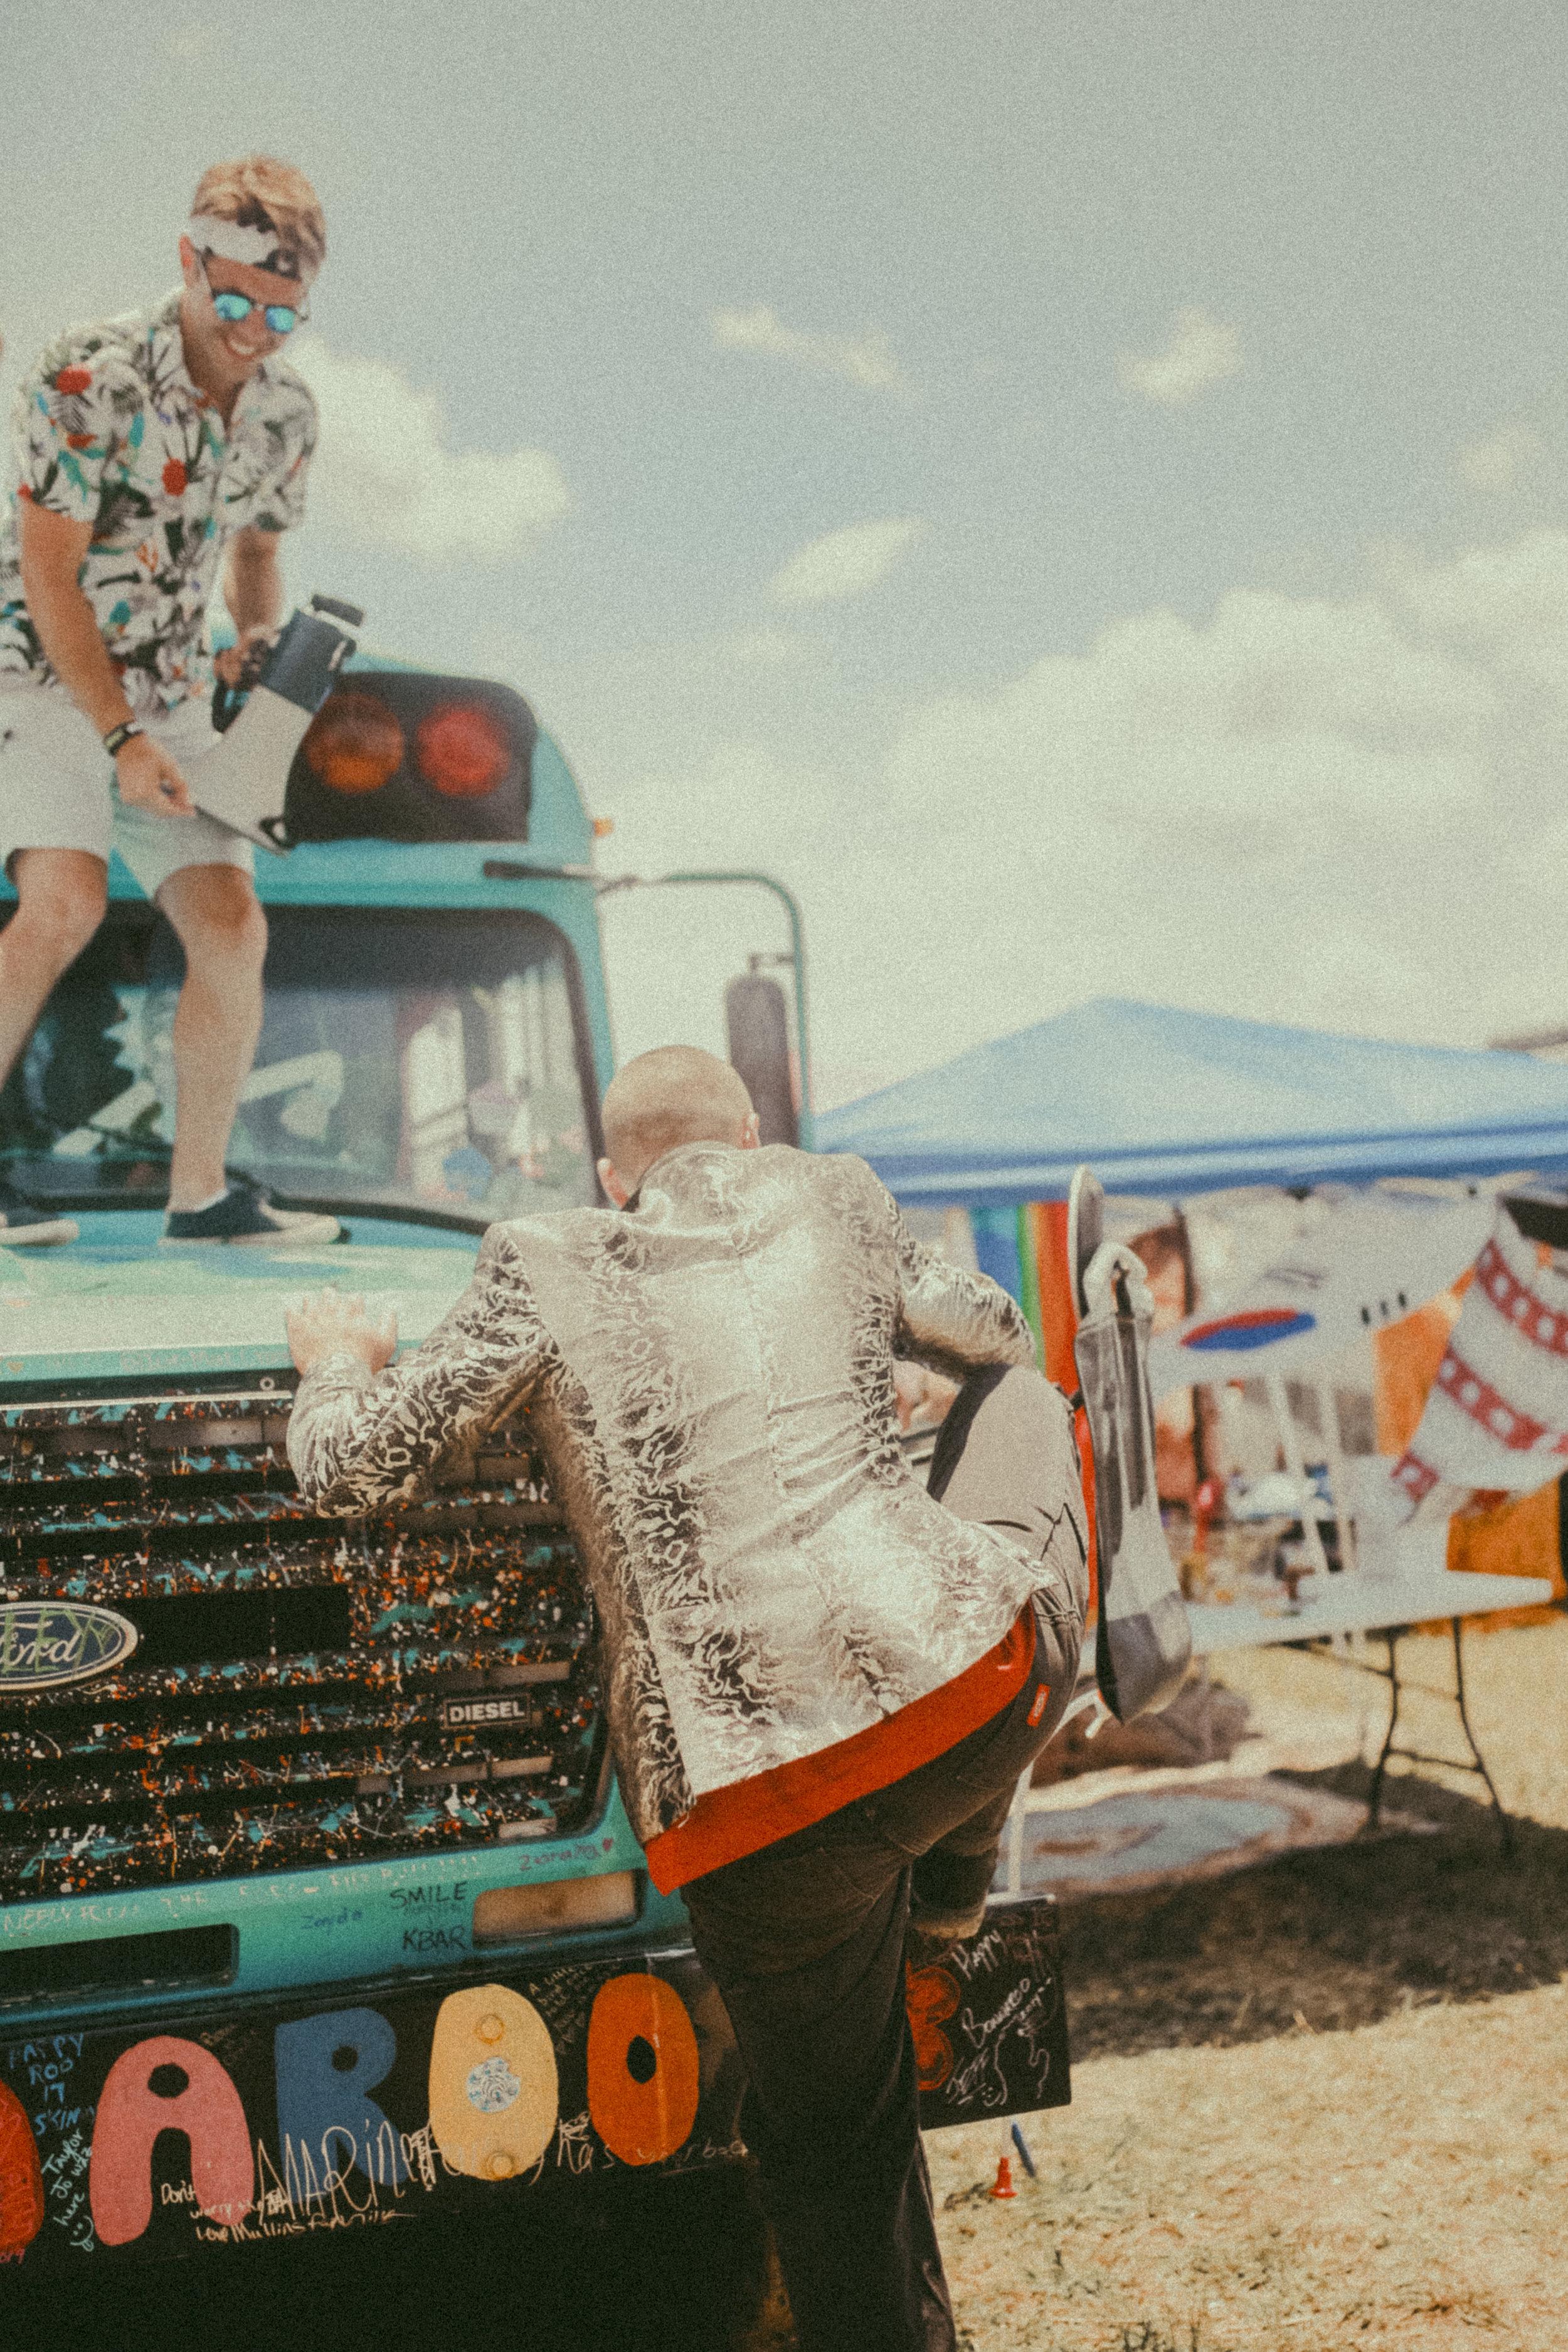 Bonnaroo-MusicFestivalWedding-Brittany&Kevin-14.jpg